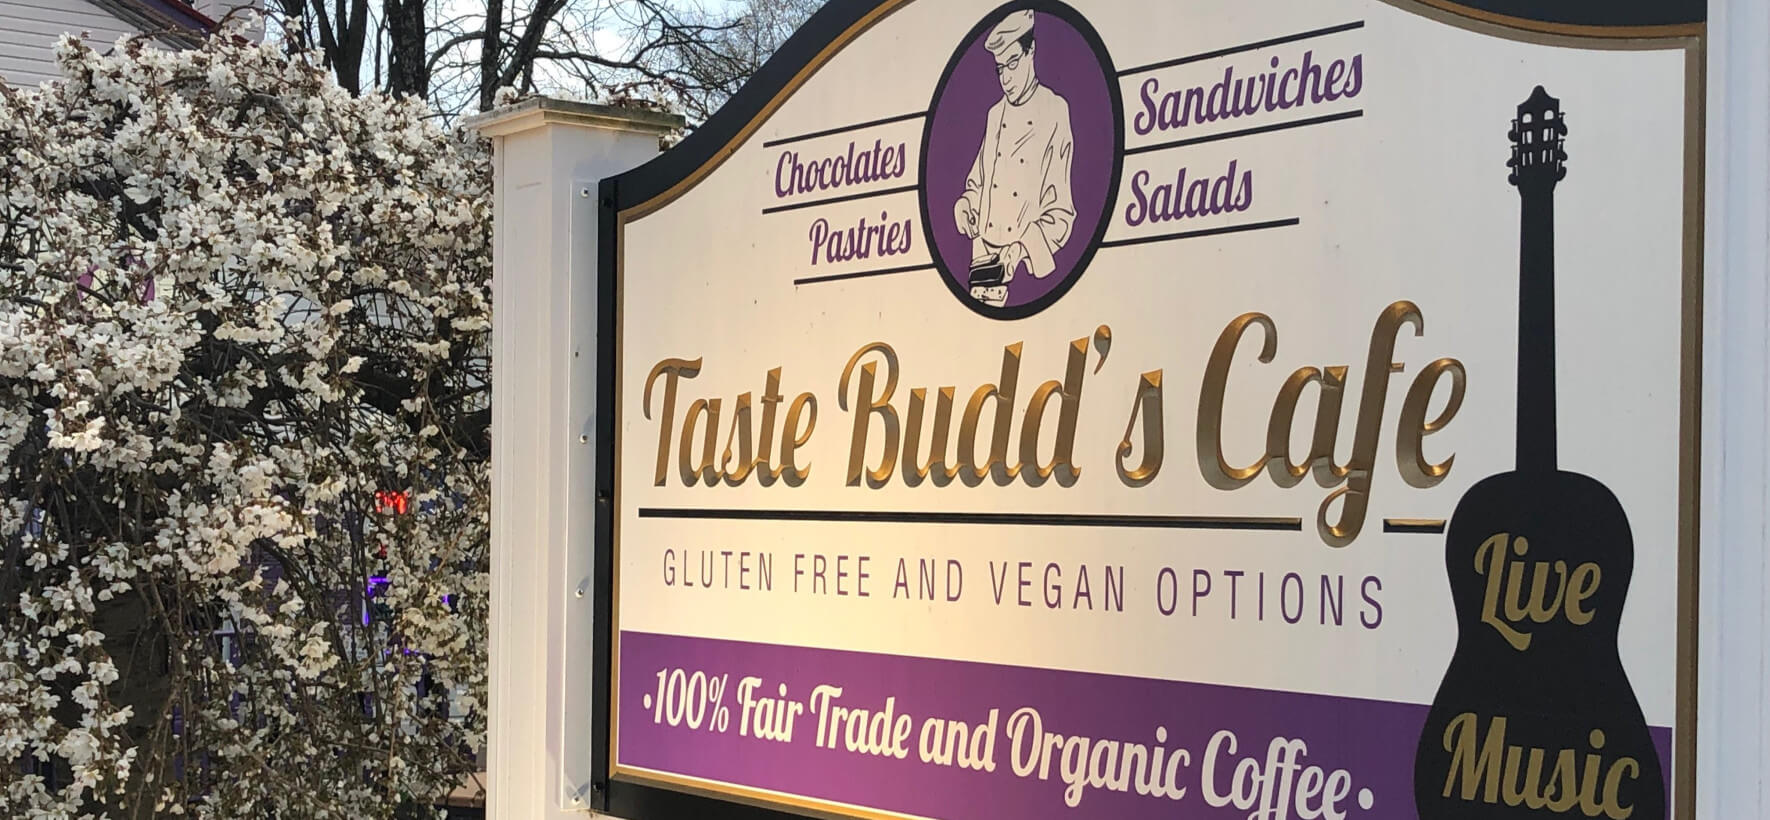 Taste Budds Cafe